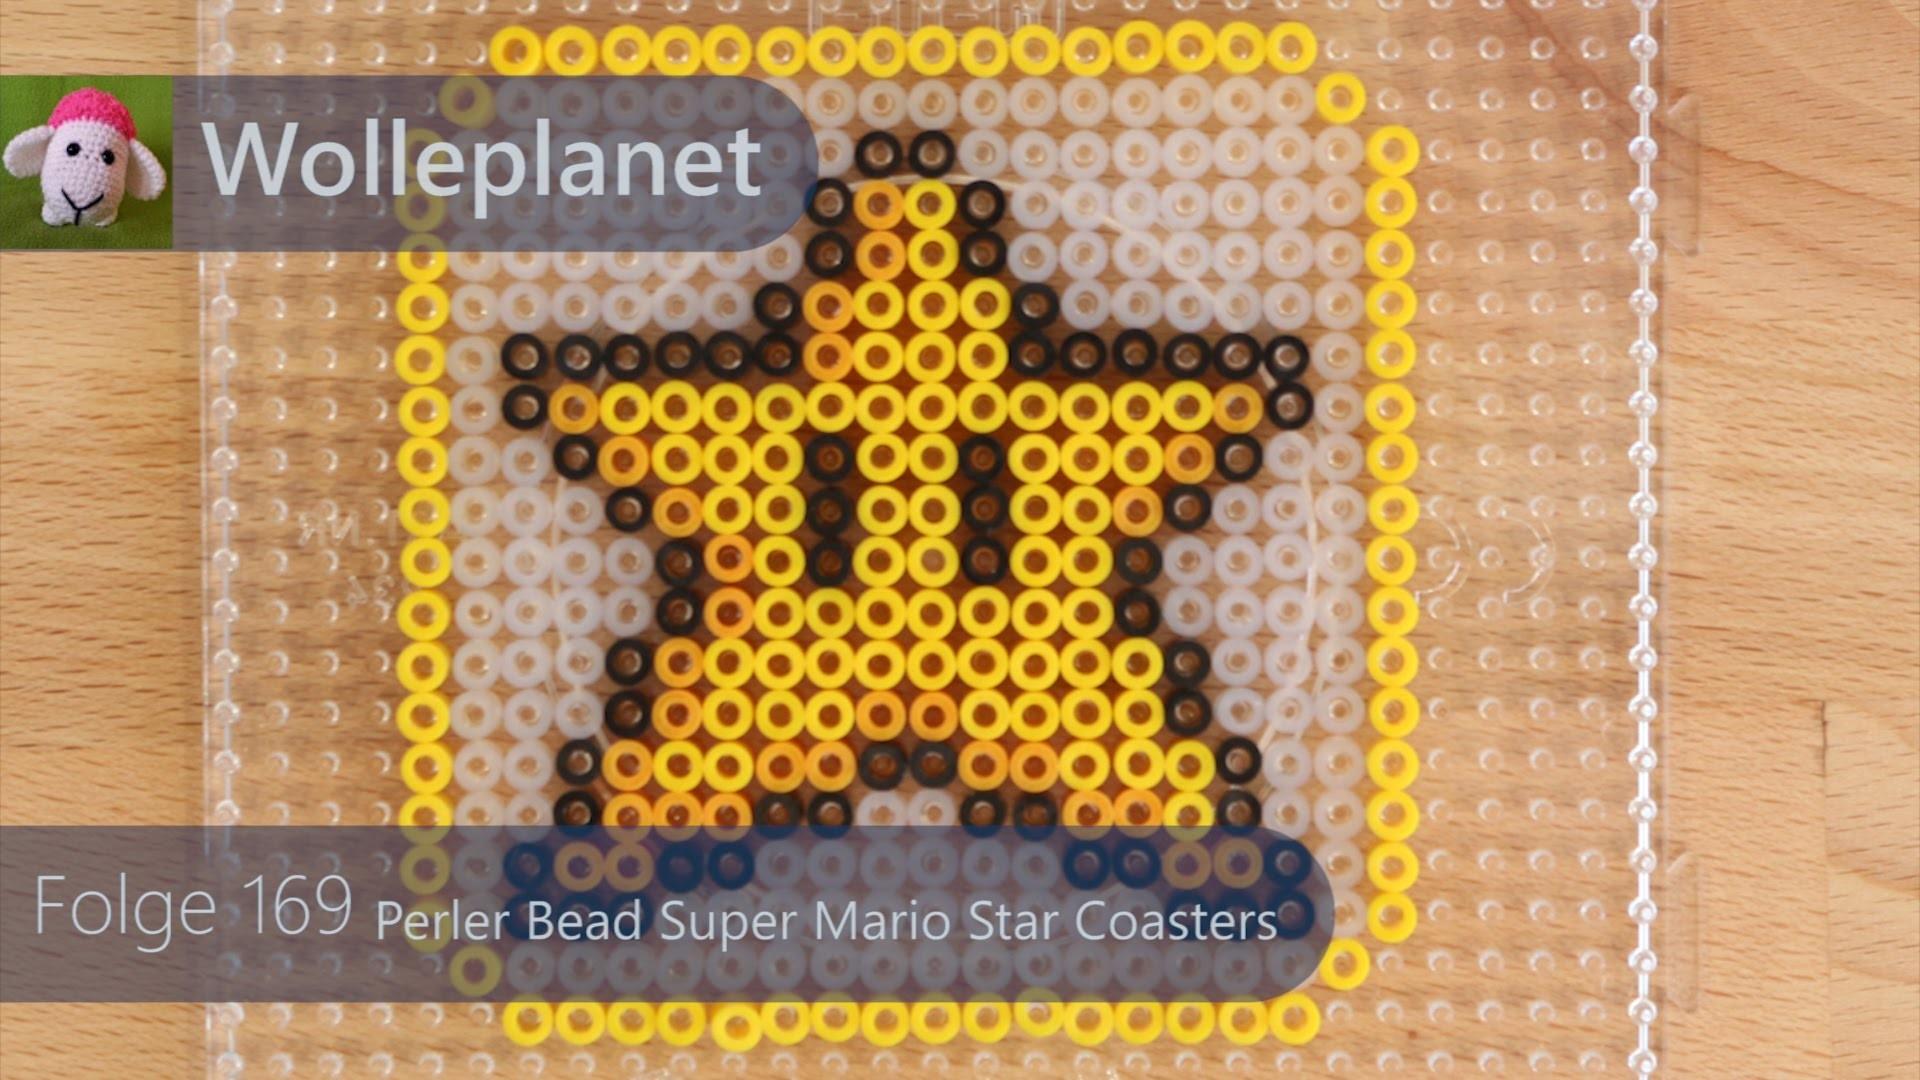 Perler Bead Super Mario Star Coaster Time lapse